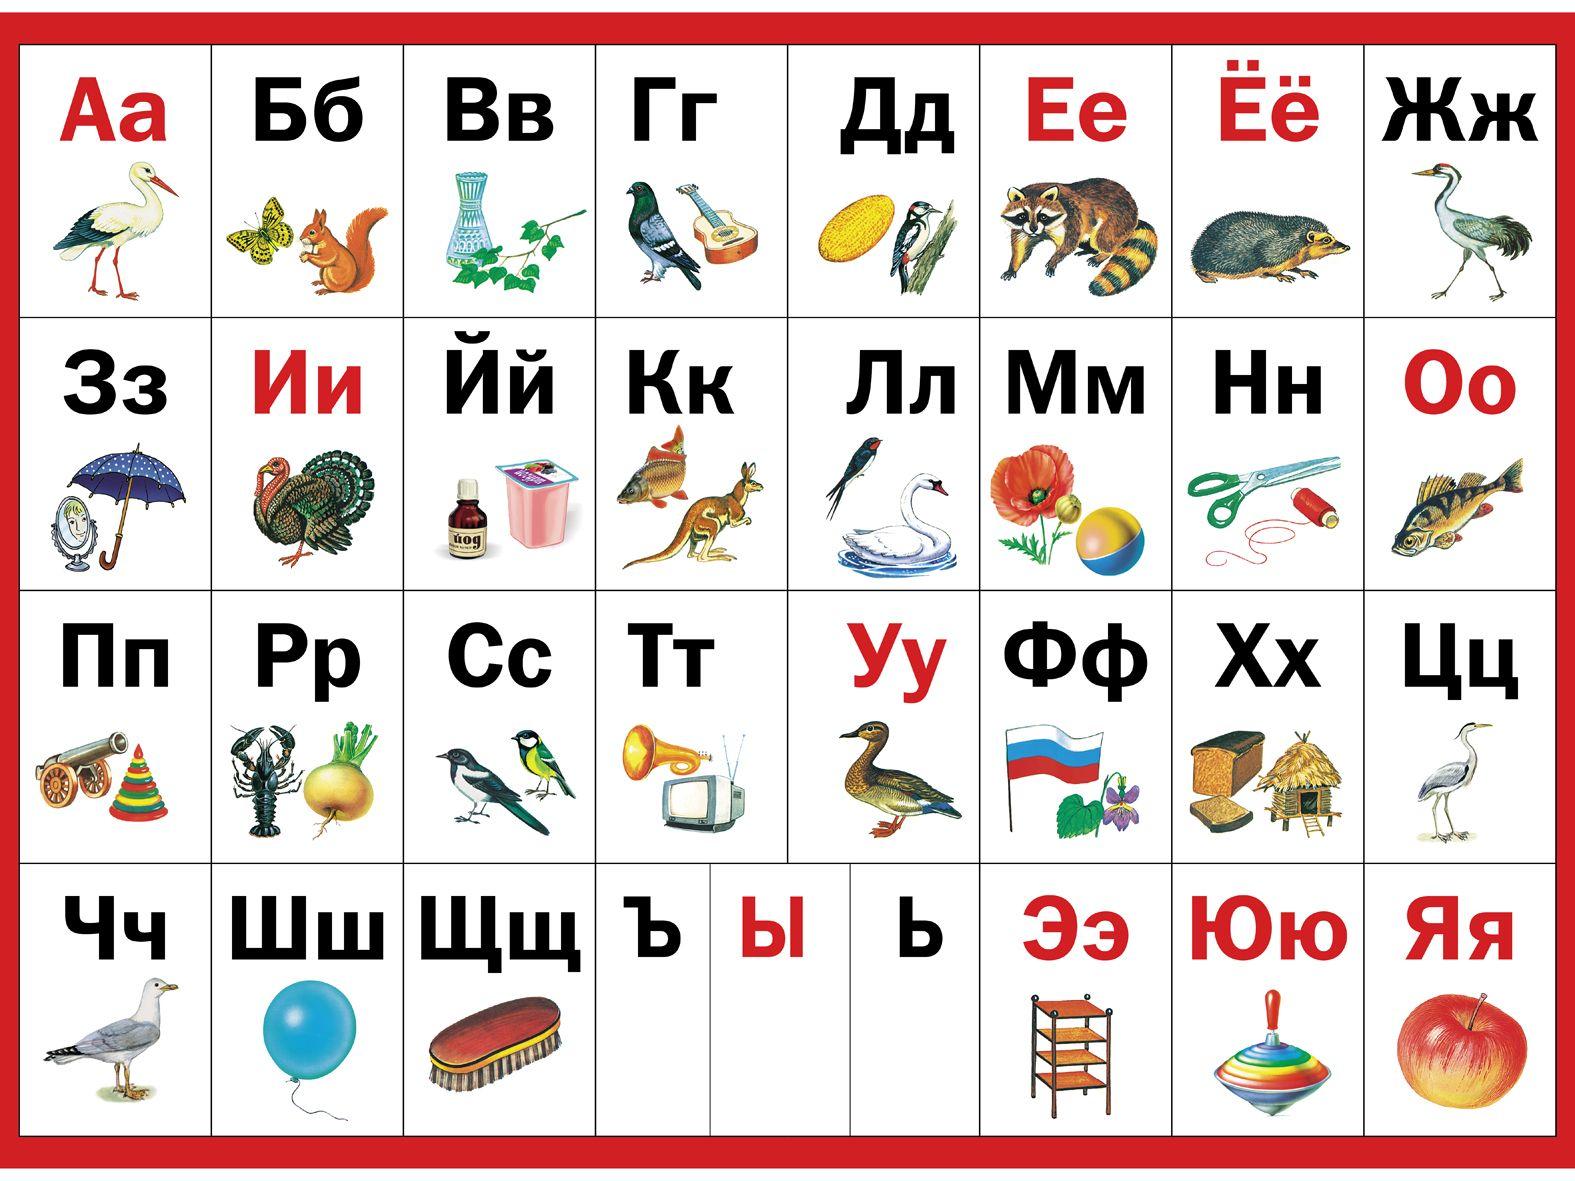 Karandach Vocabulaire russe en images Les 500 premiers